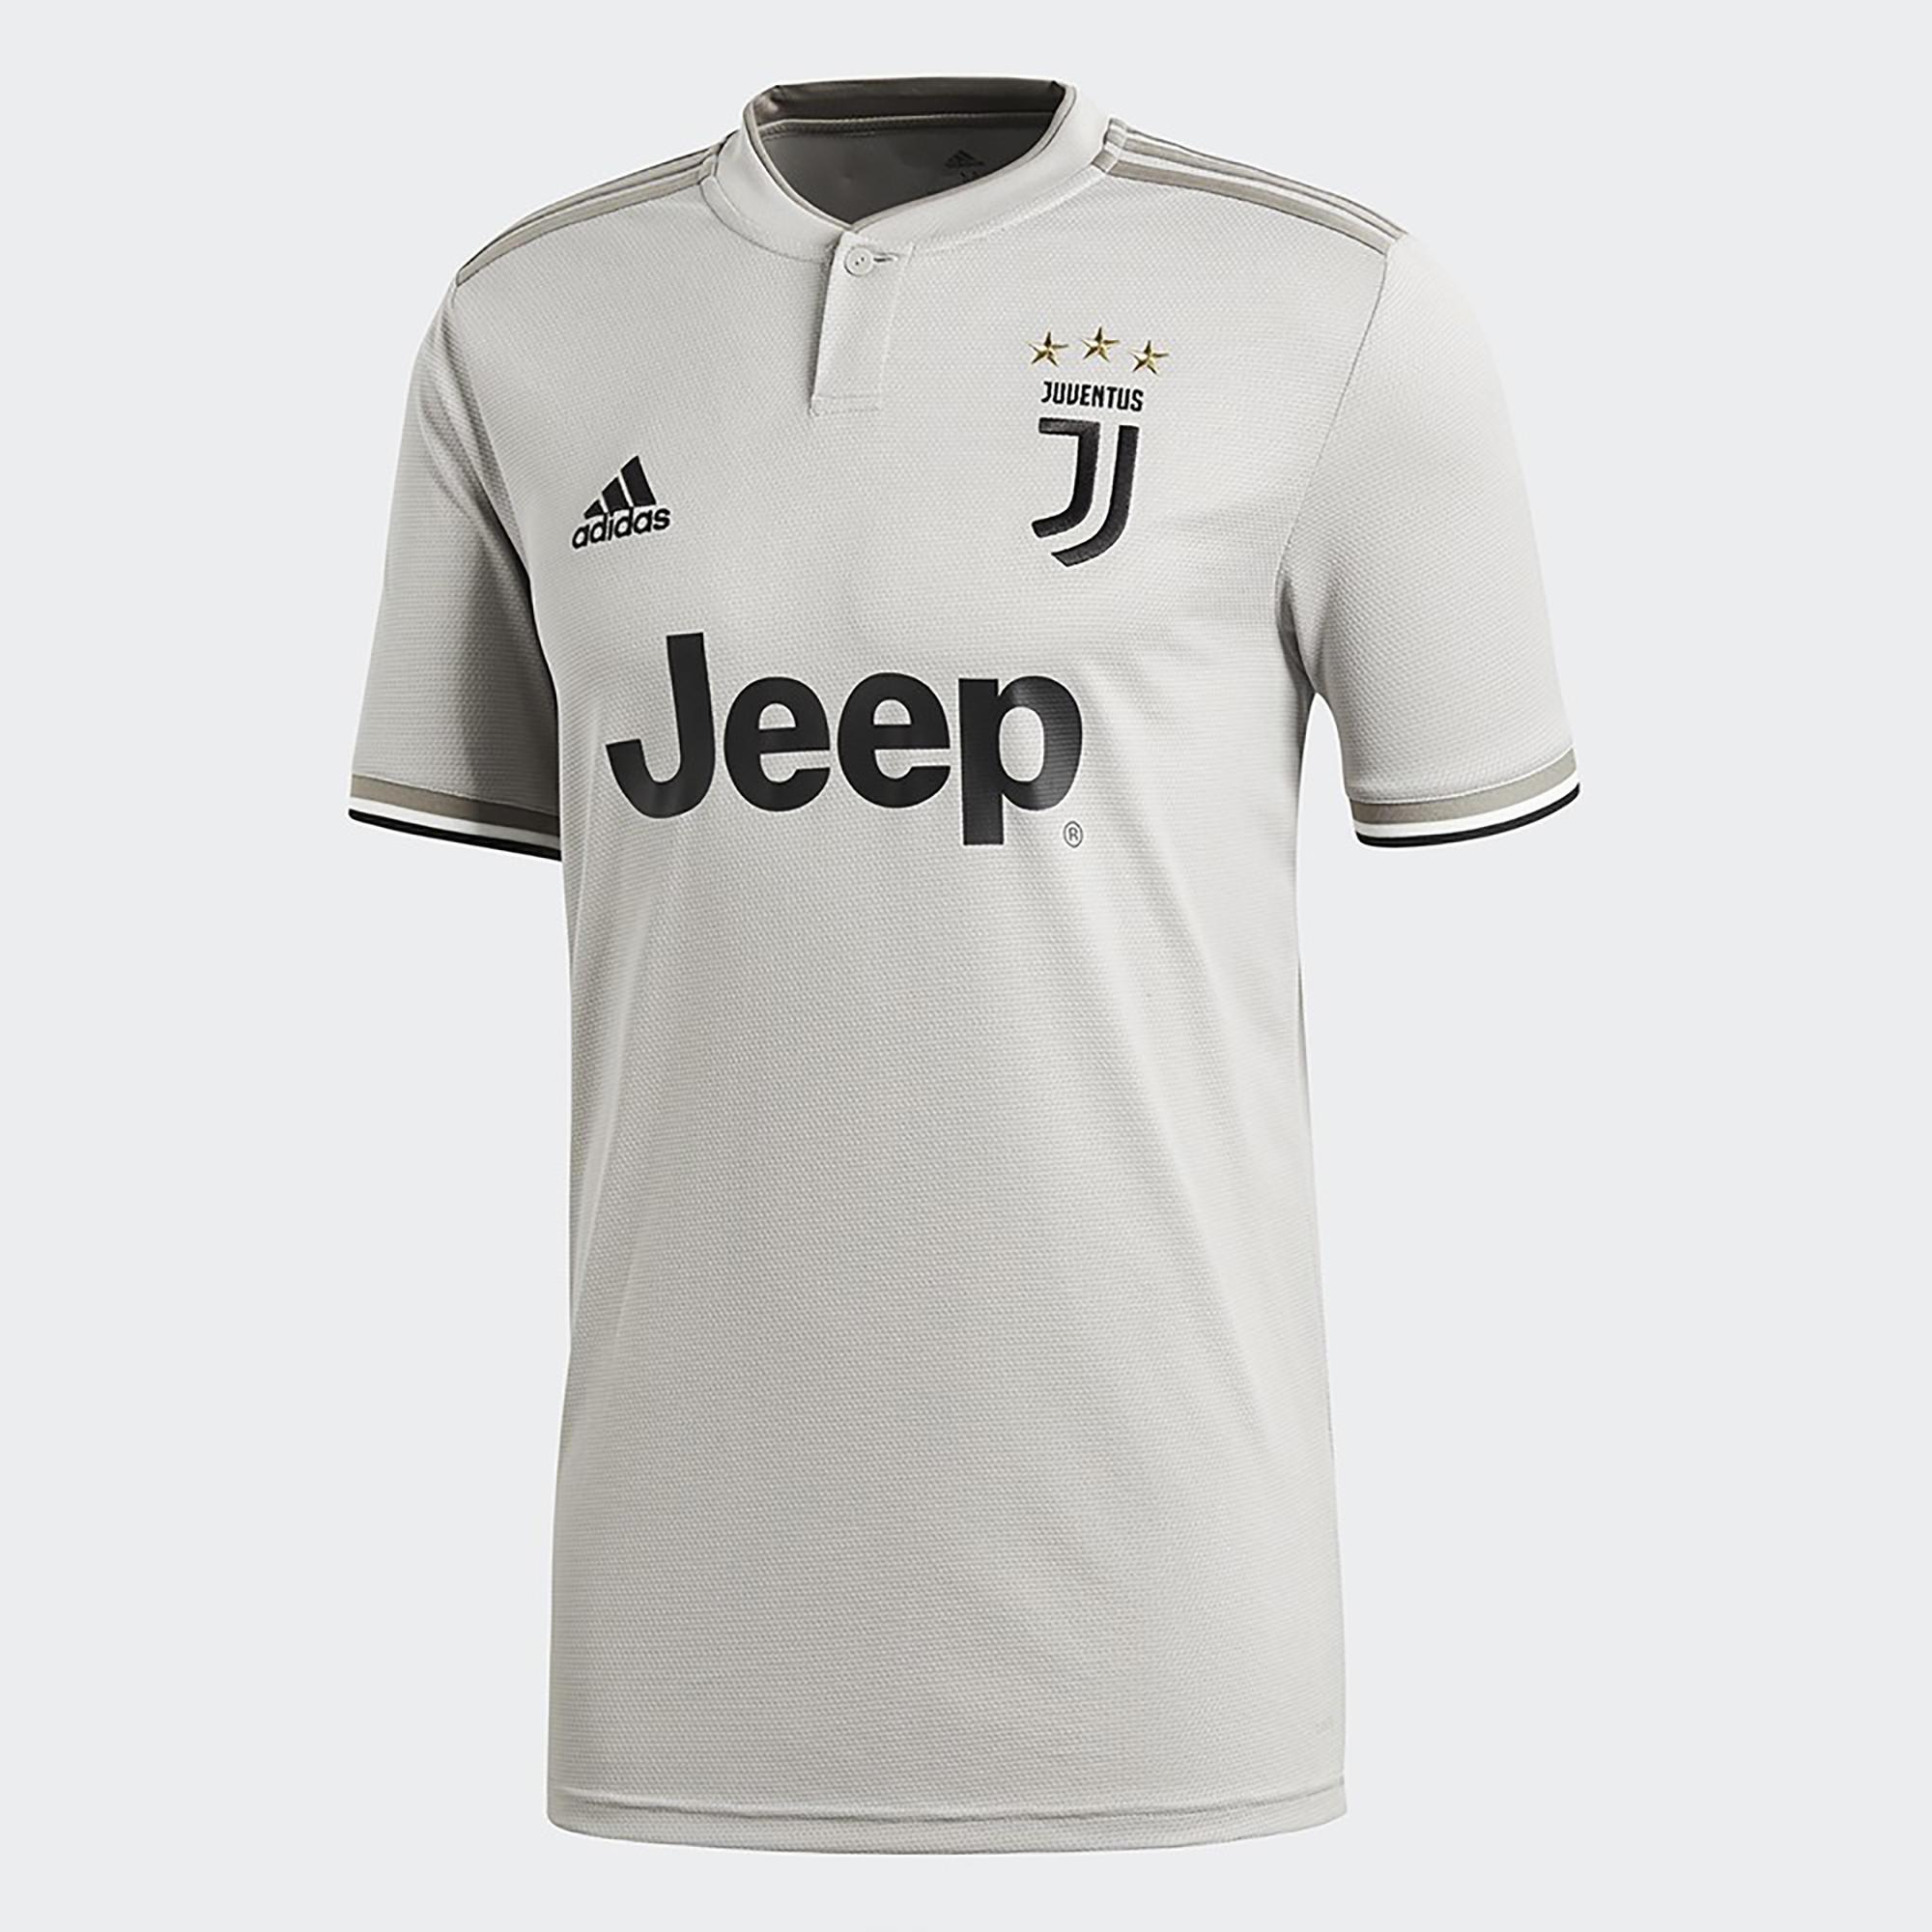 Adidas Voetbalshirt Juventus uitshirt 18/19 voor volwassenen